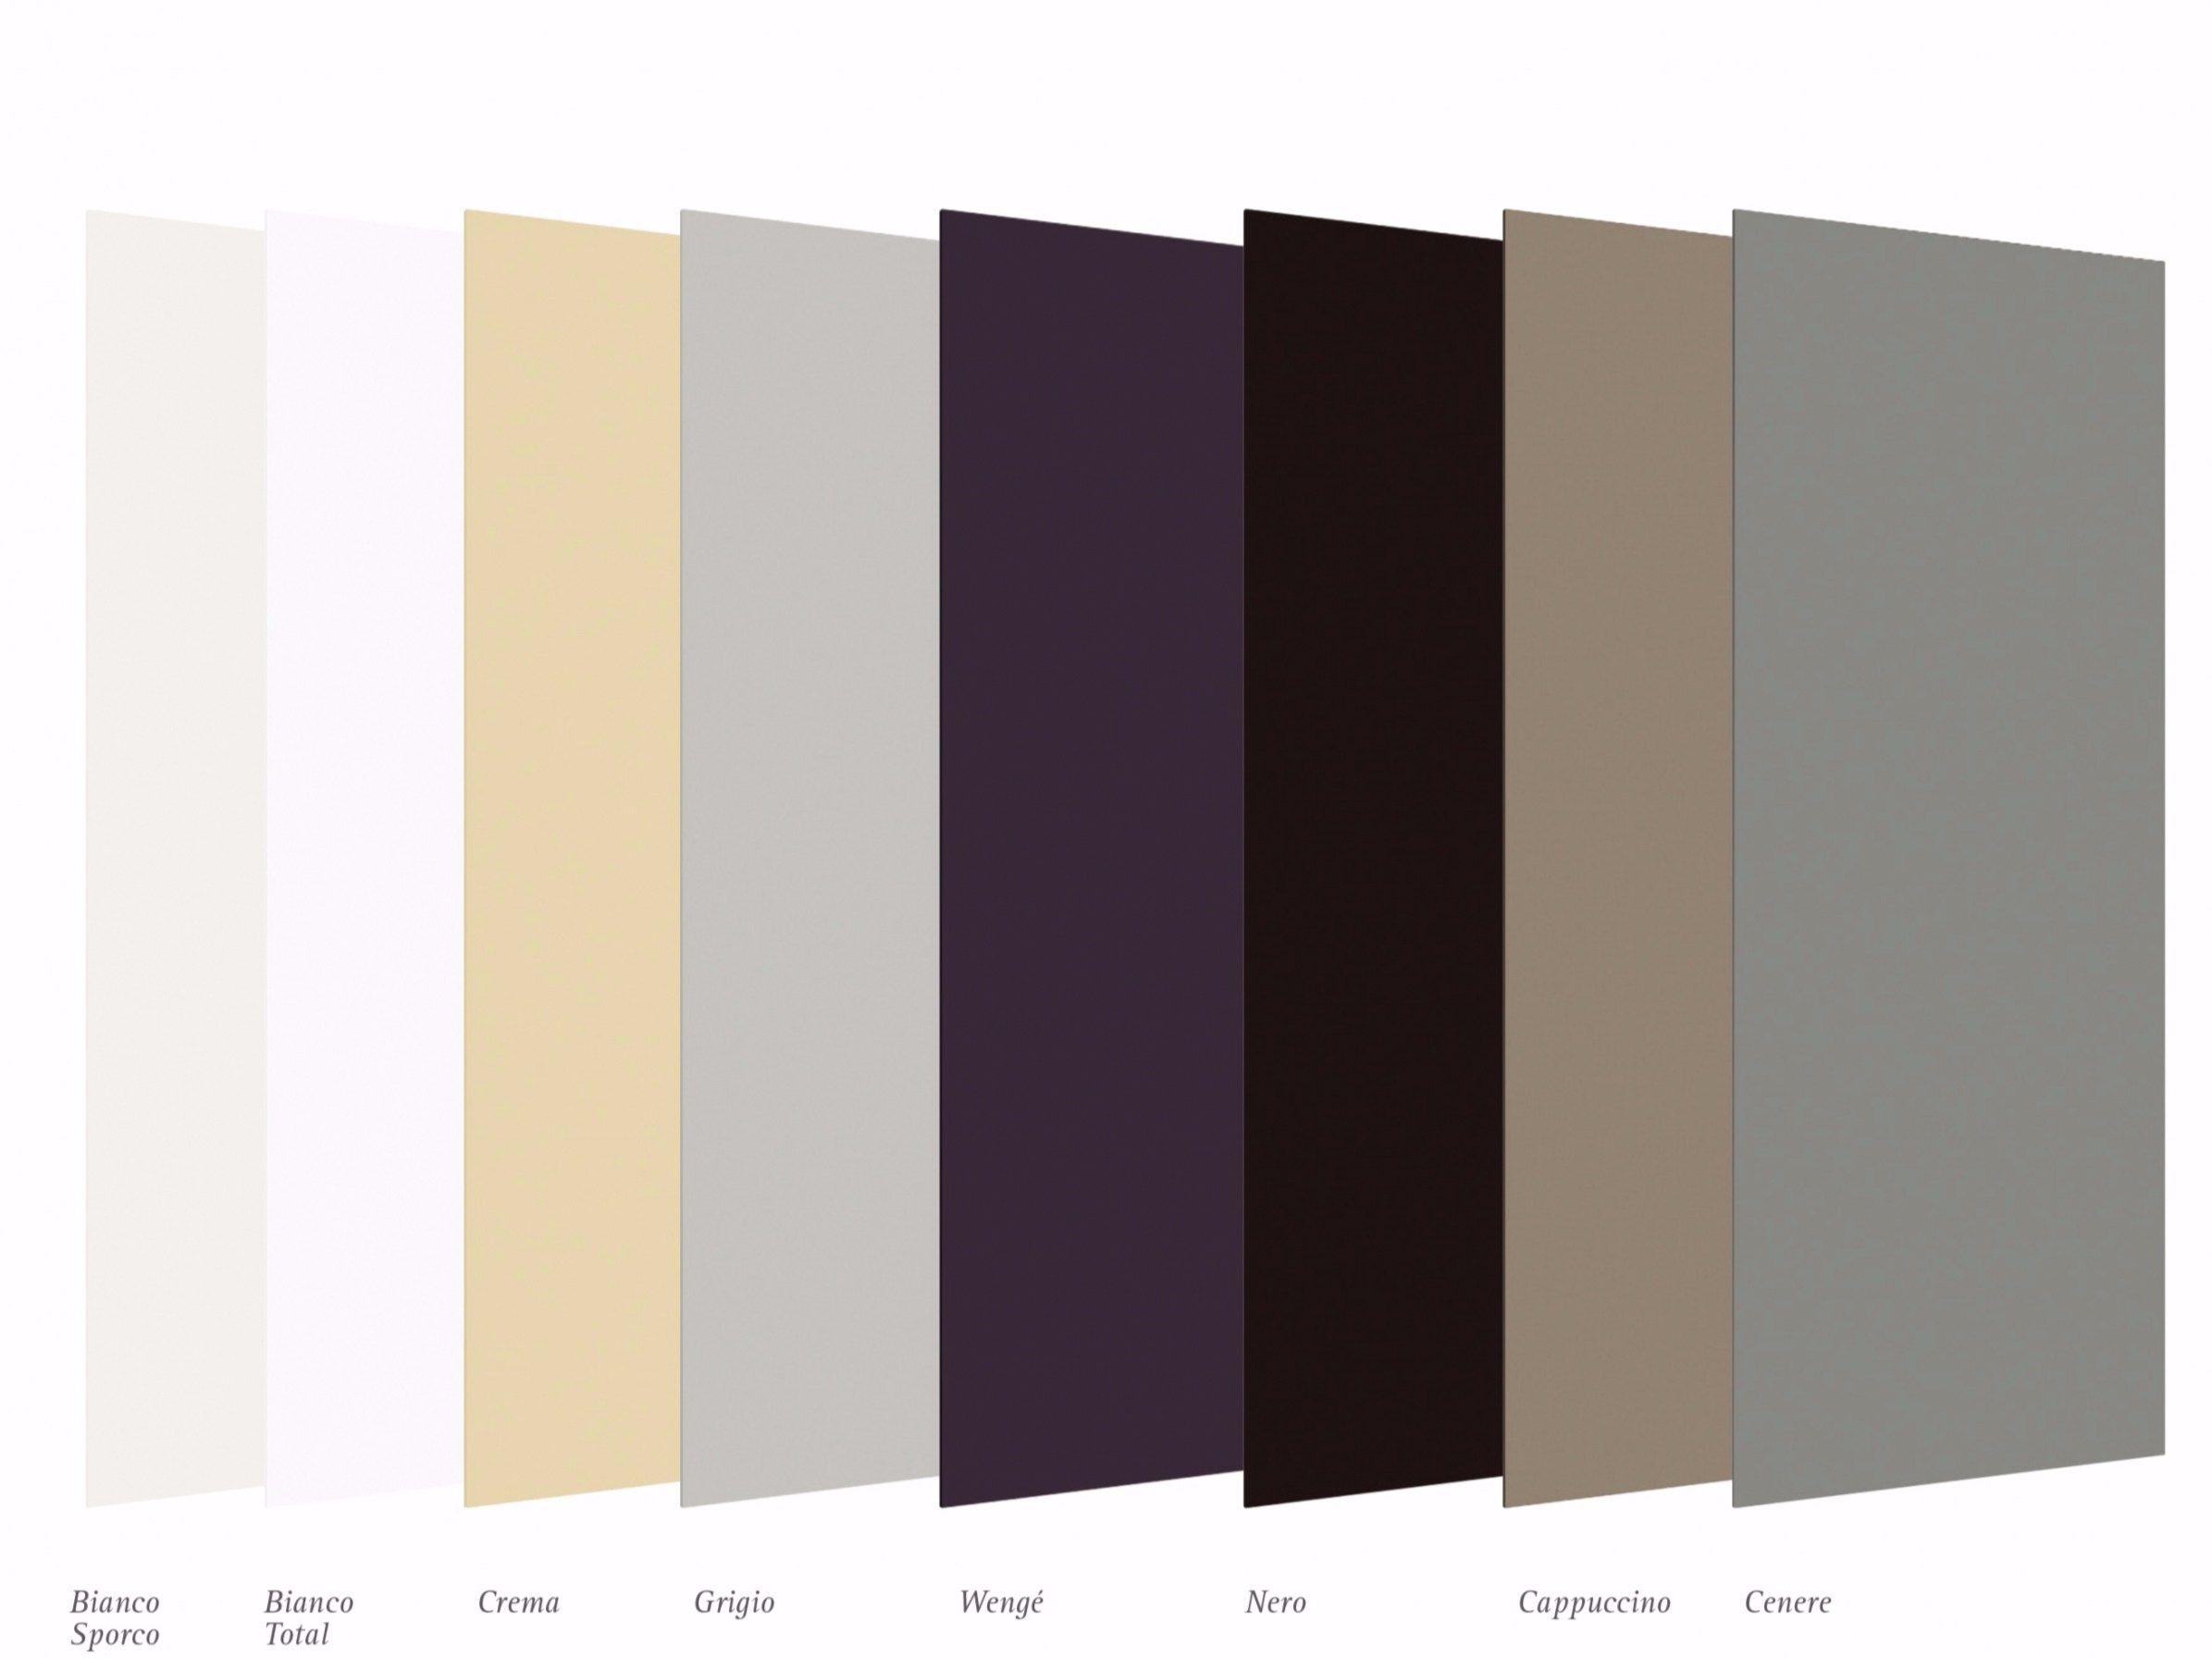 receveur de douche anti glisse en silexpol silex. Black Bedroom Furniture Sets. Home Design Ideas